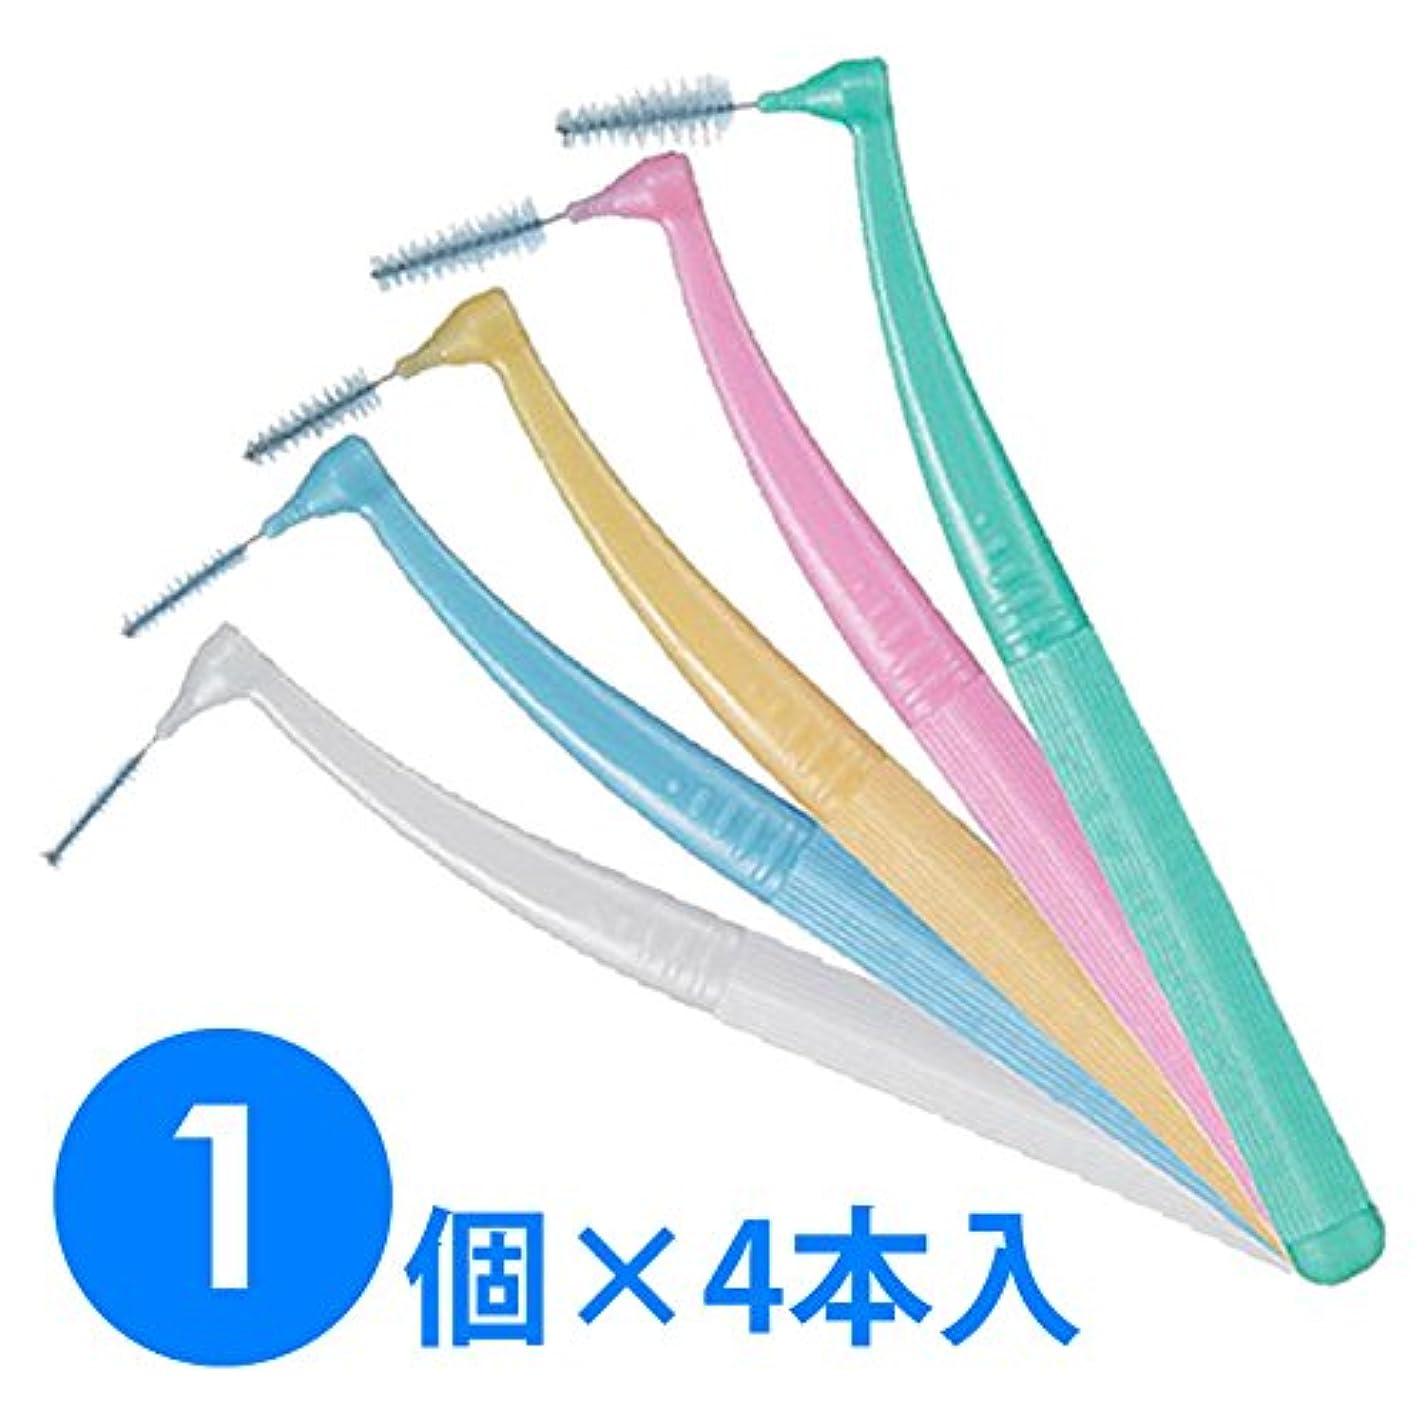 開梱うまシェード【1個】ガム?プロズ 歯間ブラシL字型 4本入り (SS(2)ブルー)